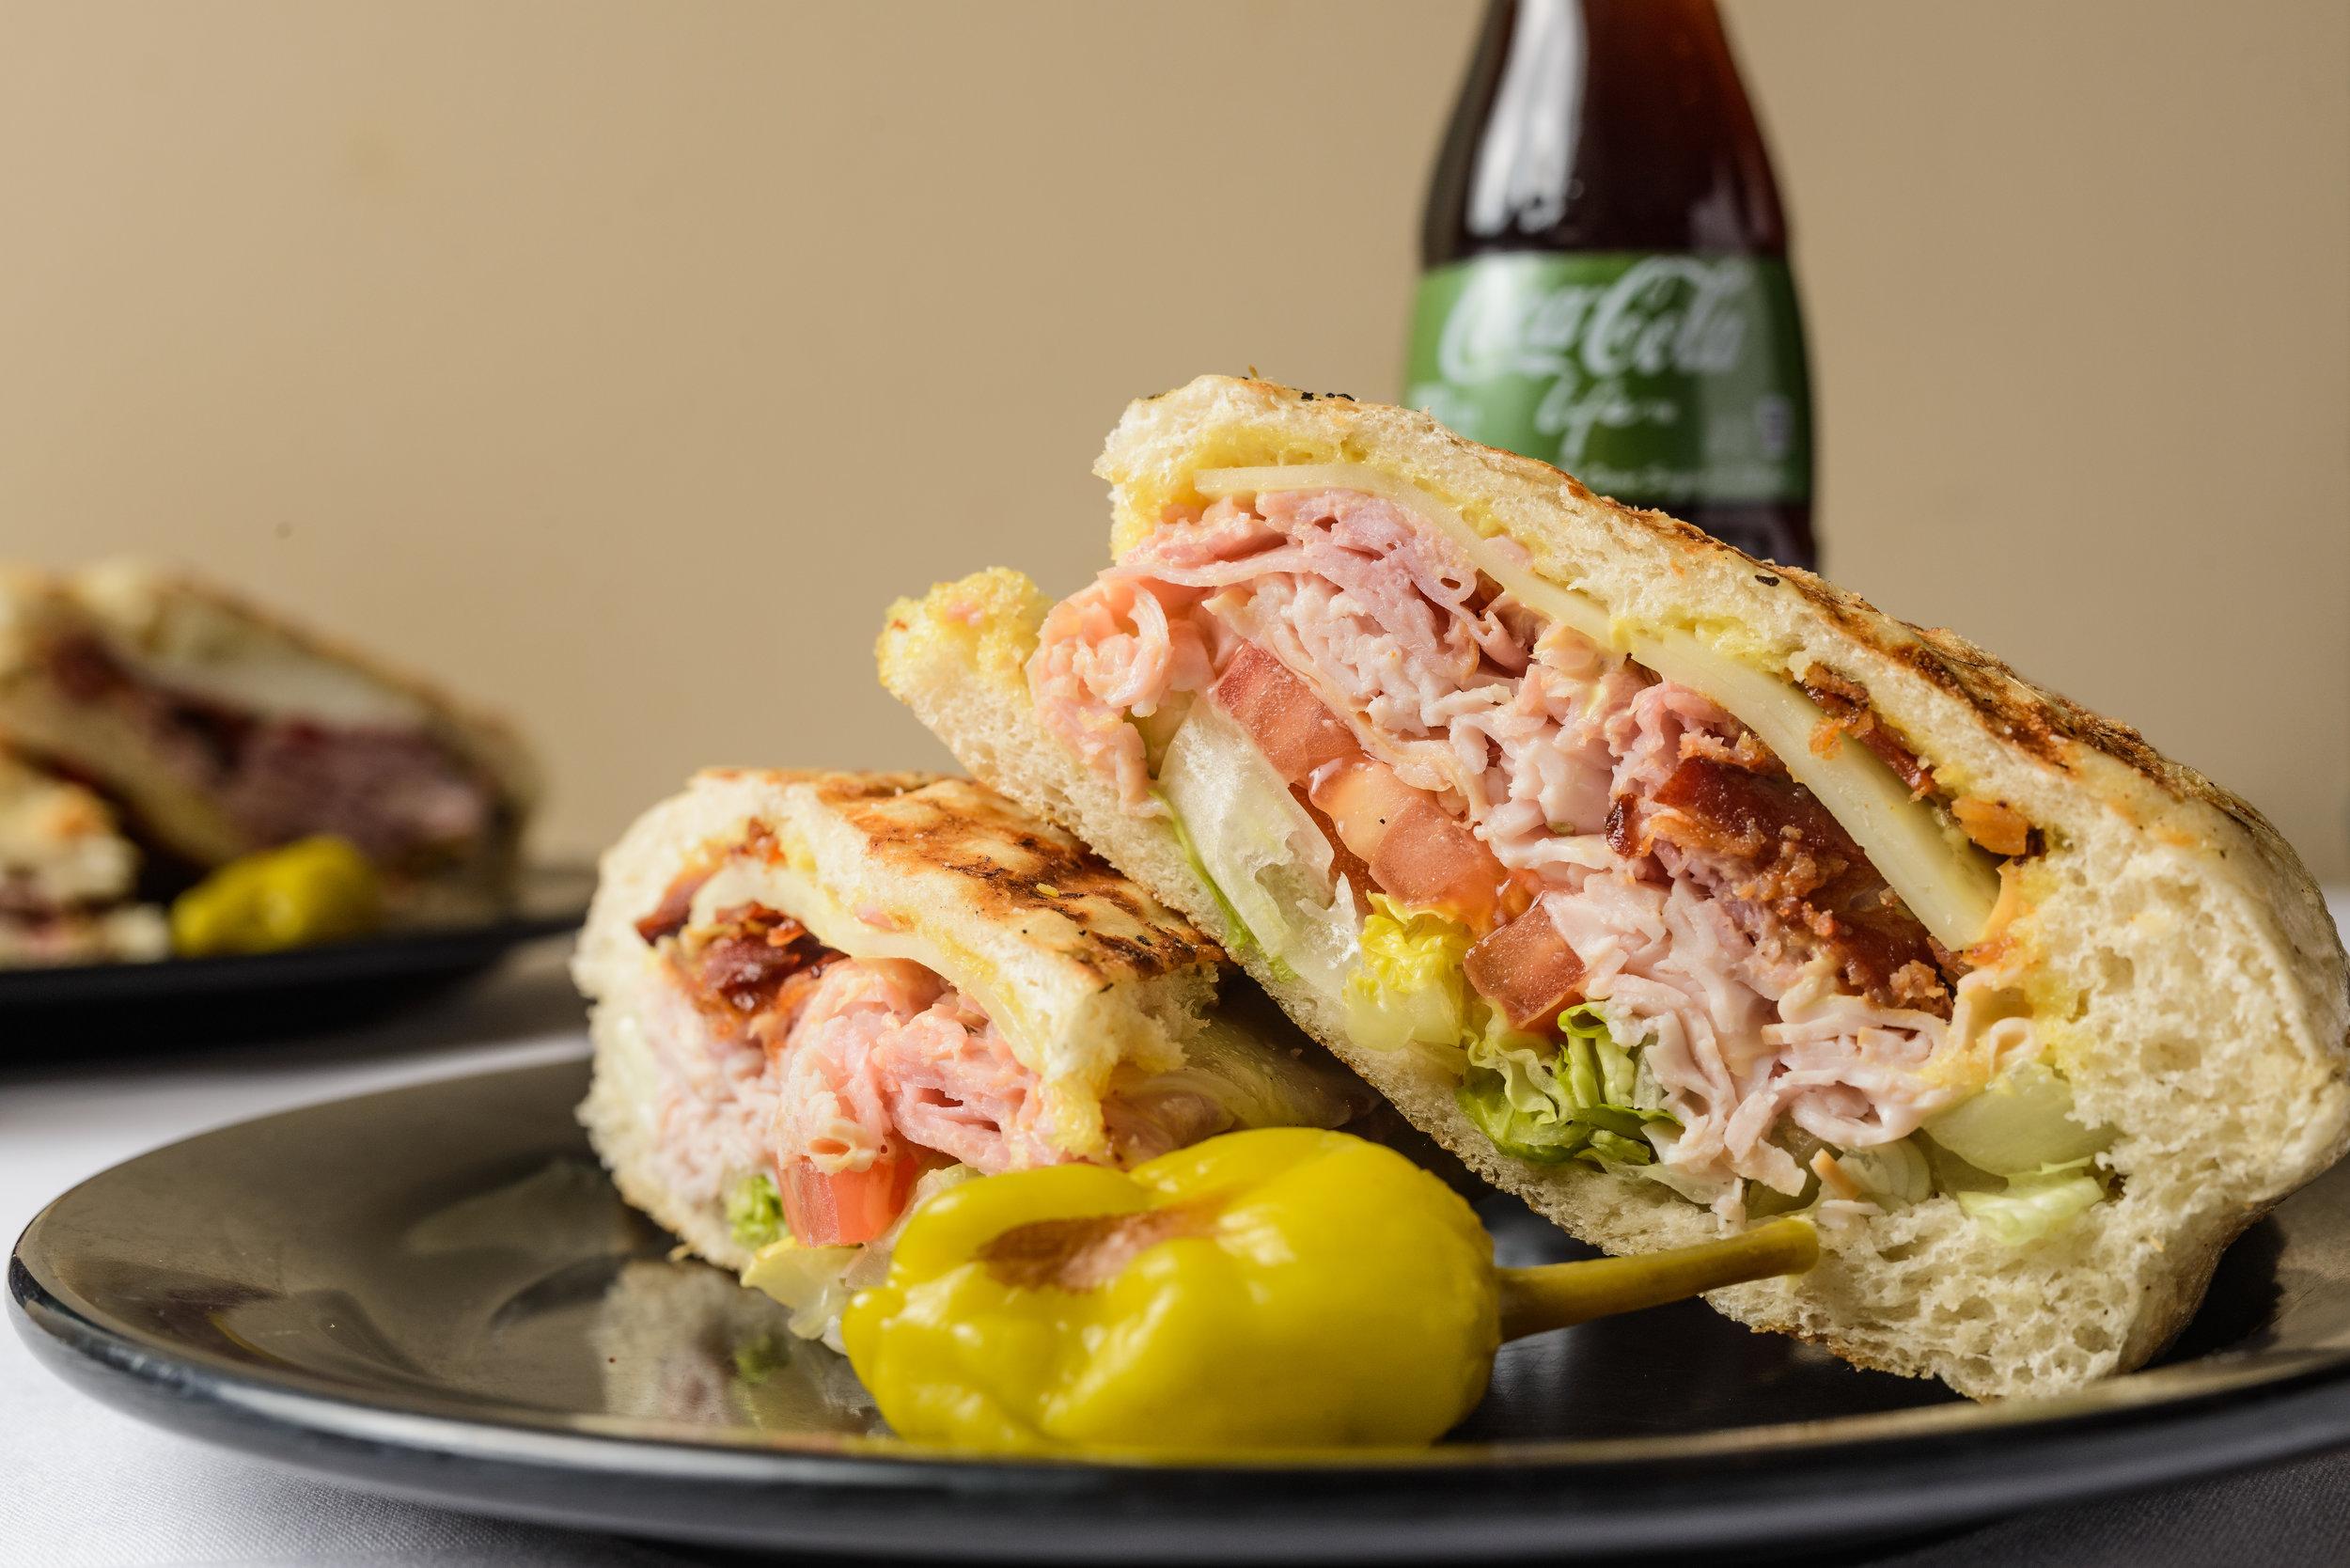 #5 - $8.50 - The Club – Turkey, ham, bacon, provolone, lettuce, tomato, mayo and honey mustard